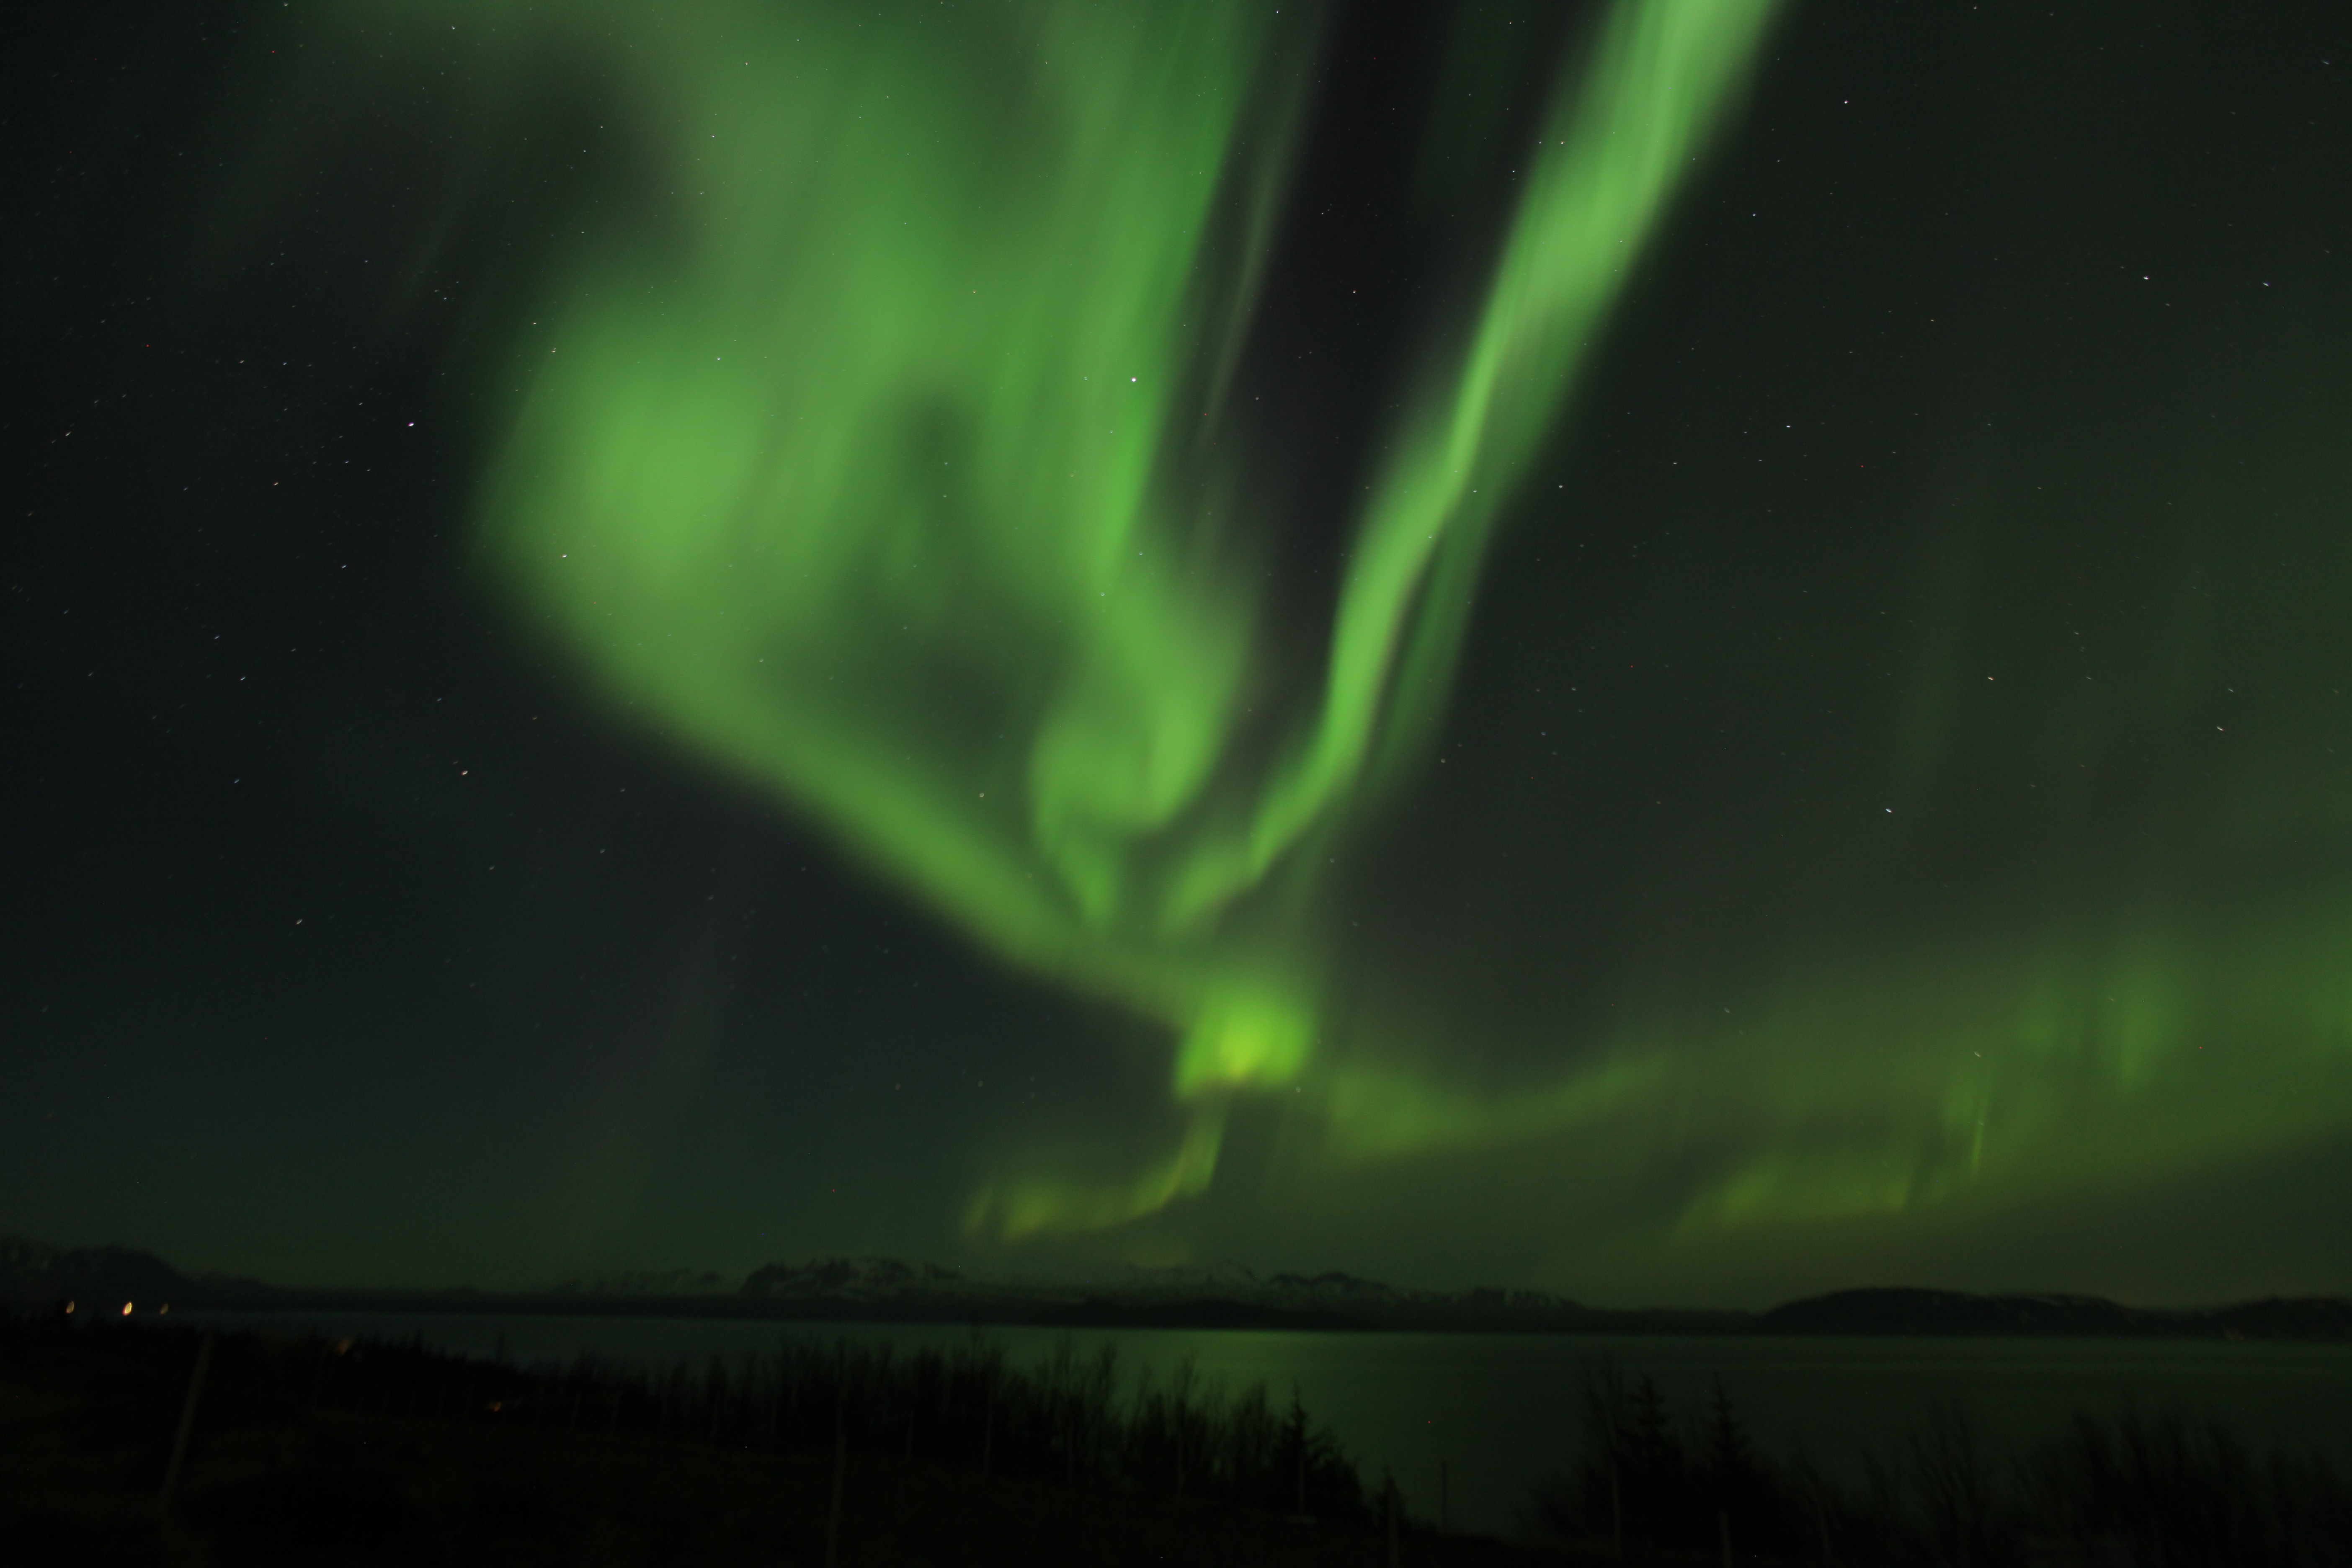 Aurores boréales dansant dans le ciel, non loin de Reykjavik en Islande.